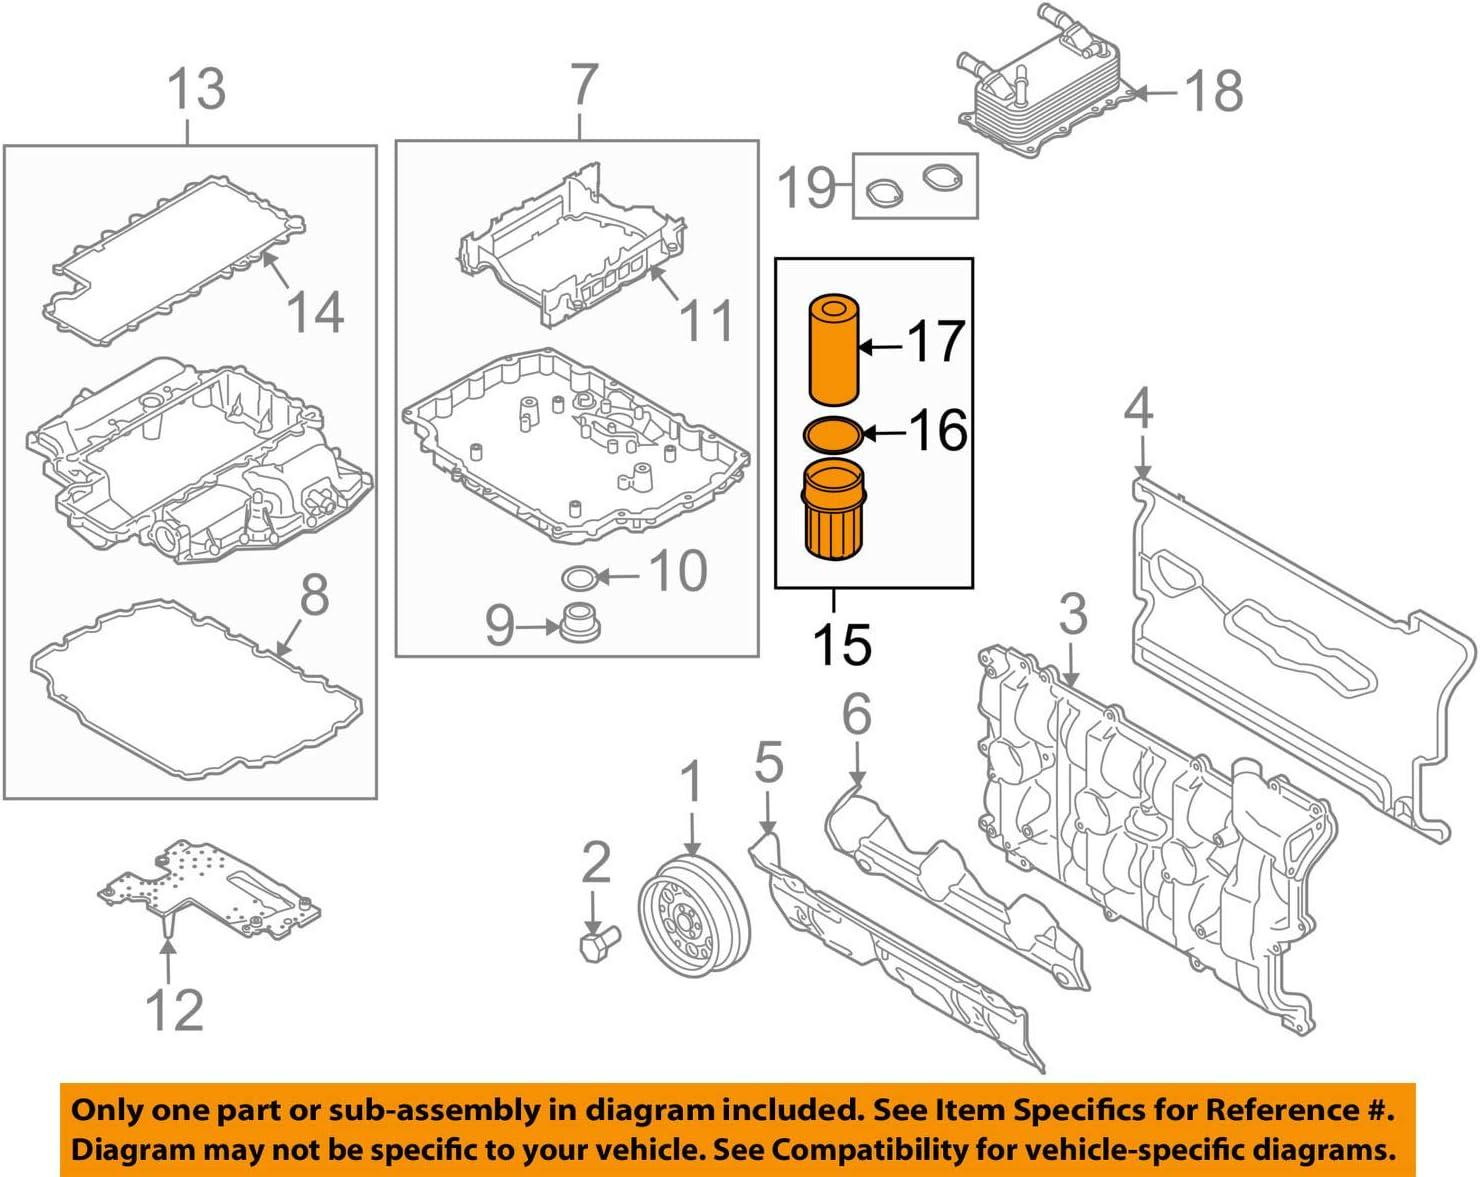 2000 porsche boxster engine diagram 2000 porsche boxster engine diagram e27 wiring diagram  2000 porsche boxster engine diagram